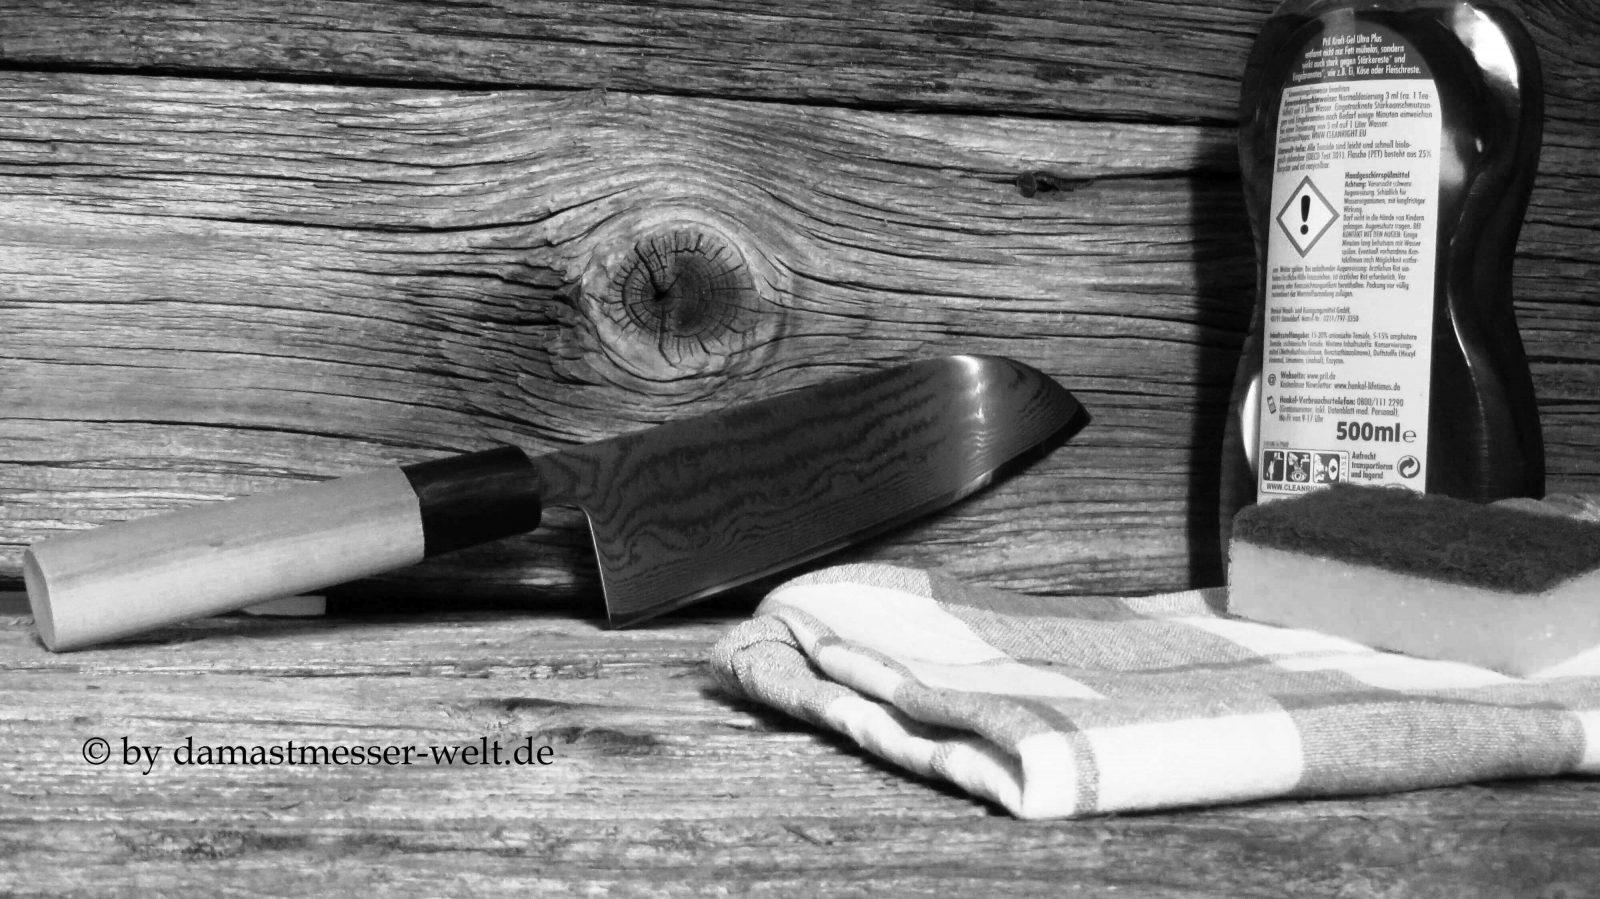 Damastmesser Pflegehinweis Titelbild schwarz weiß